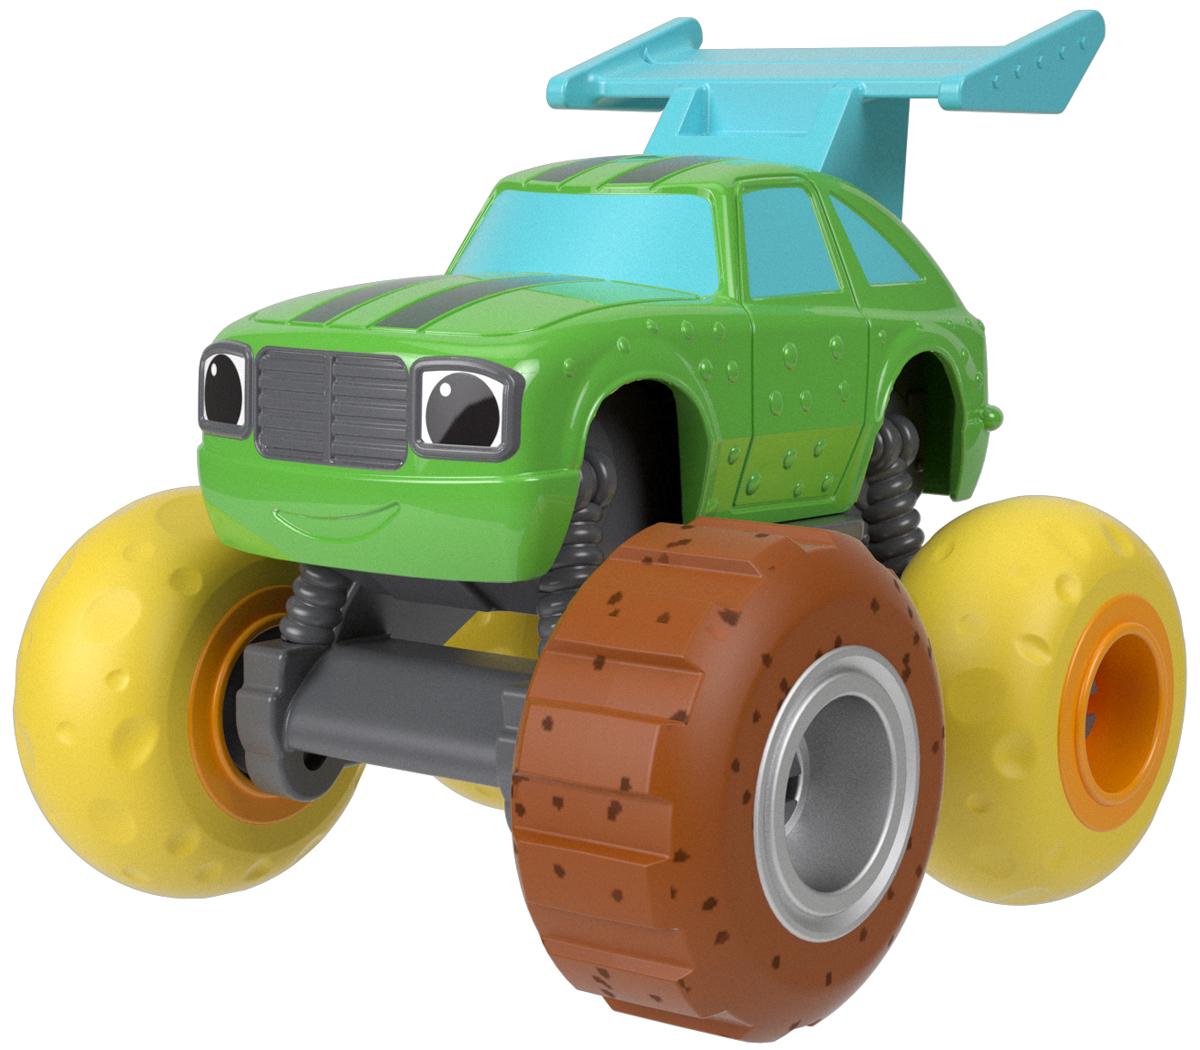 Blaze Машинка Вспыш Машинки с тюнингованными шинами цвет зеленый FHV37_FHV39